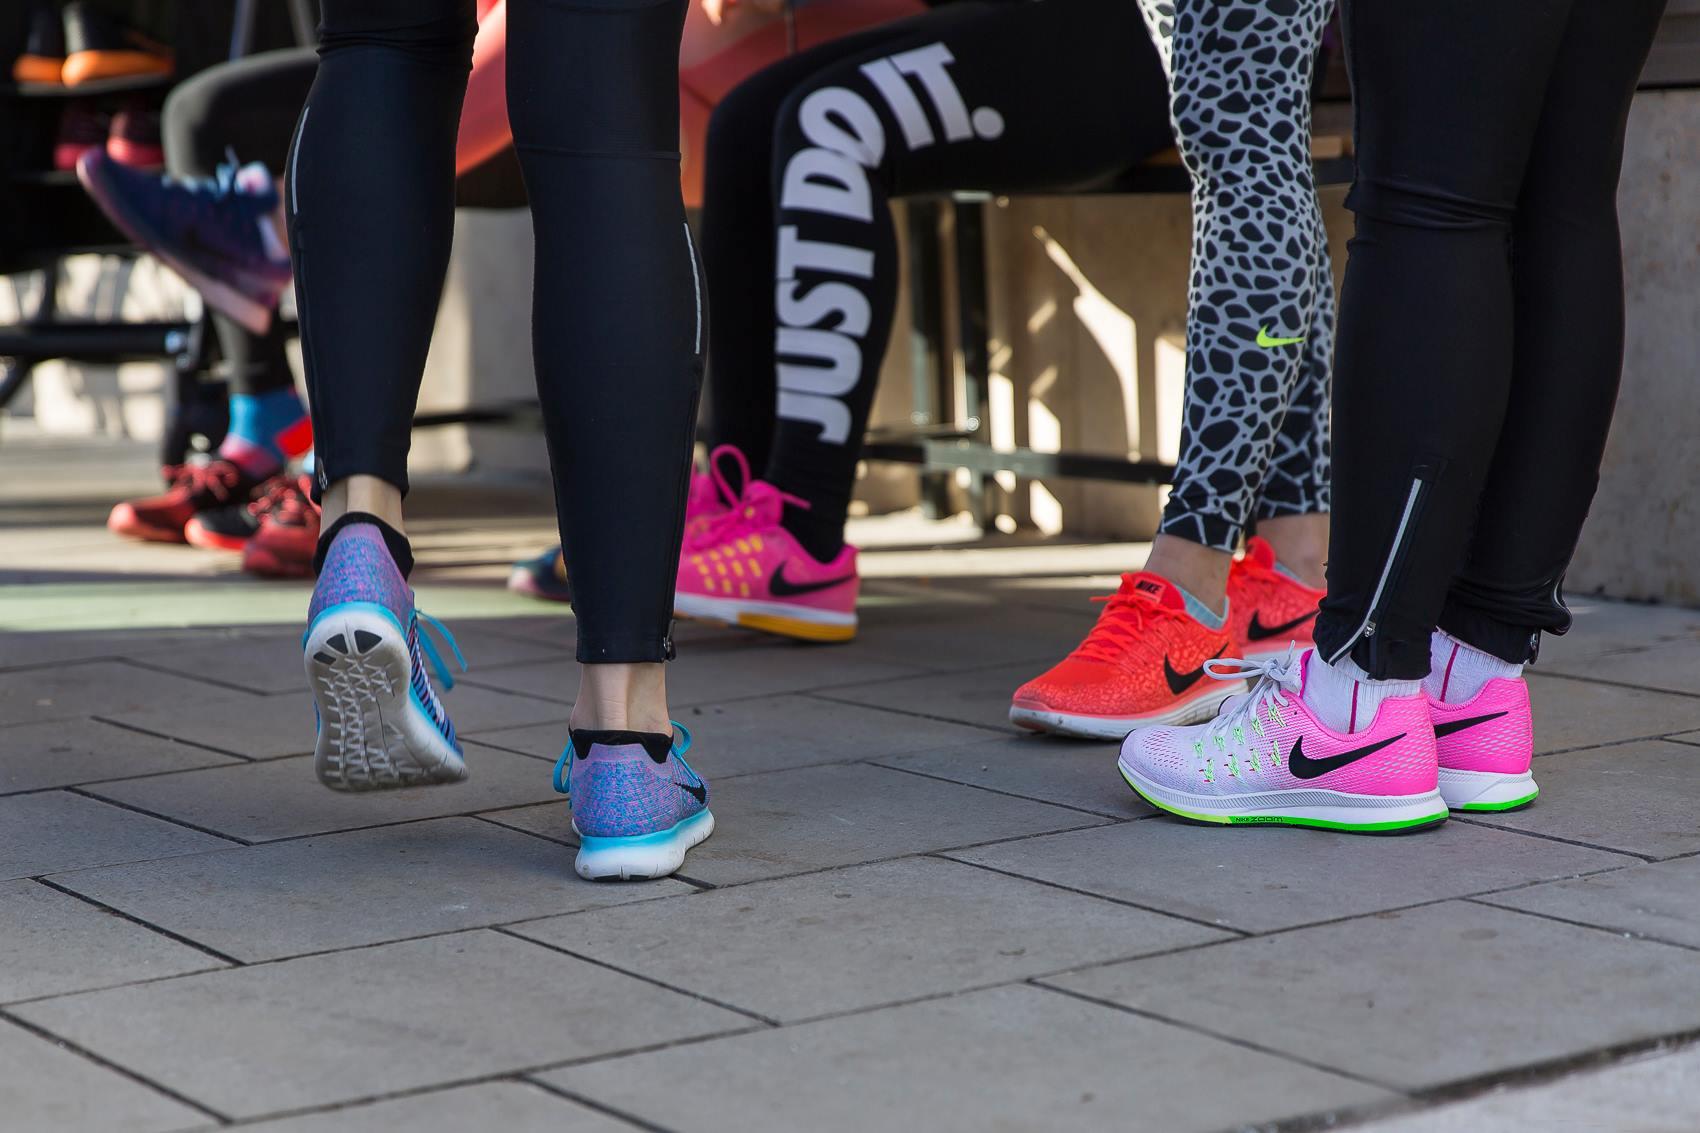 Sports Zoom Der Test Pro Sophie Mit Keller Nike Im Elite